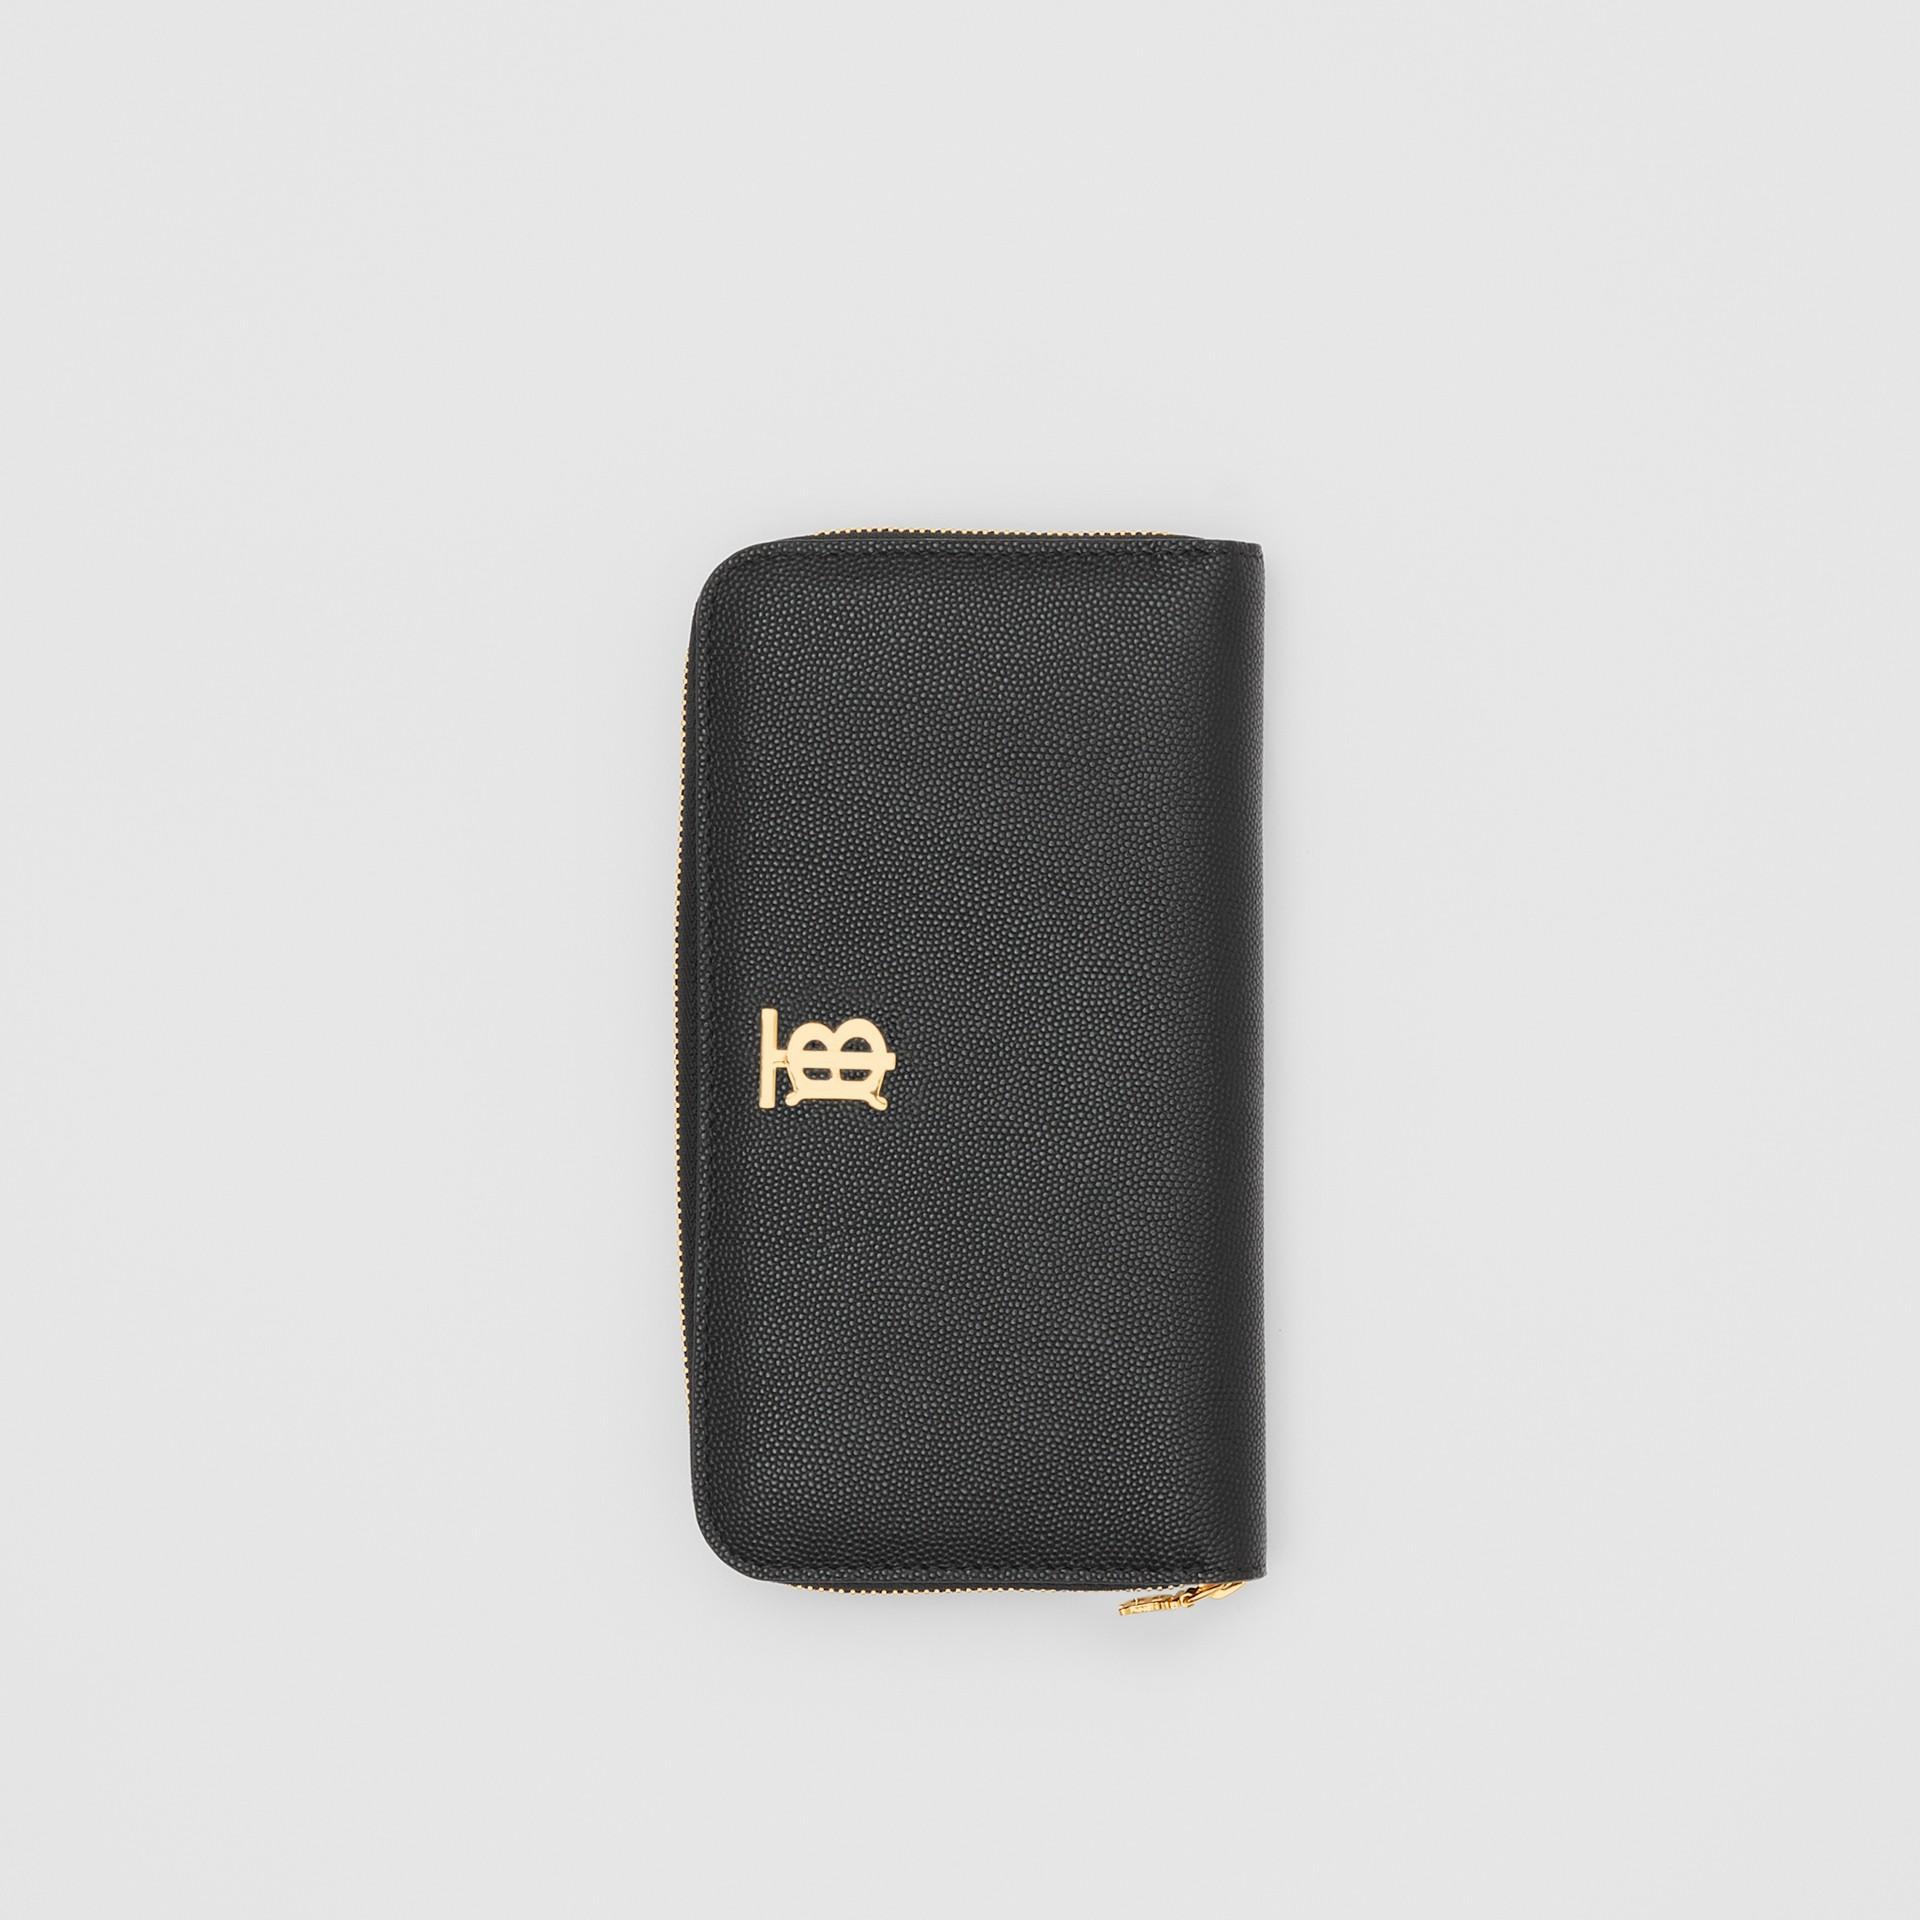 Portefeuille zippé en cuir grainé Monogram (Noir) - Femme | Burberry - photo de la galerie 2